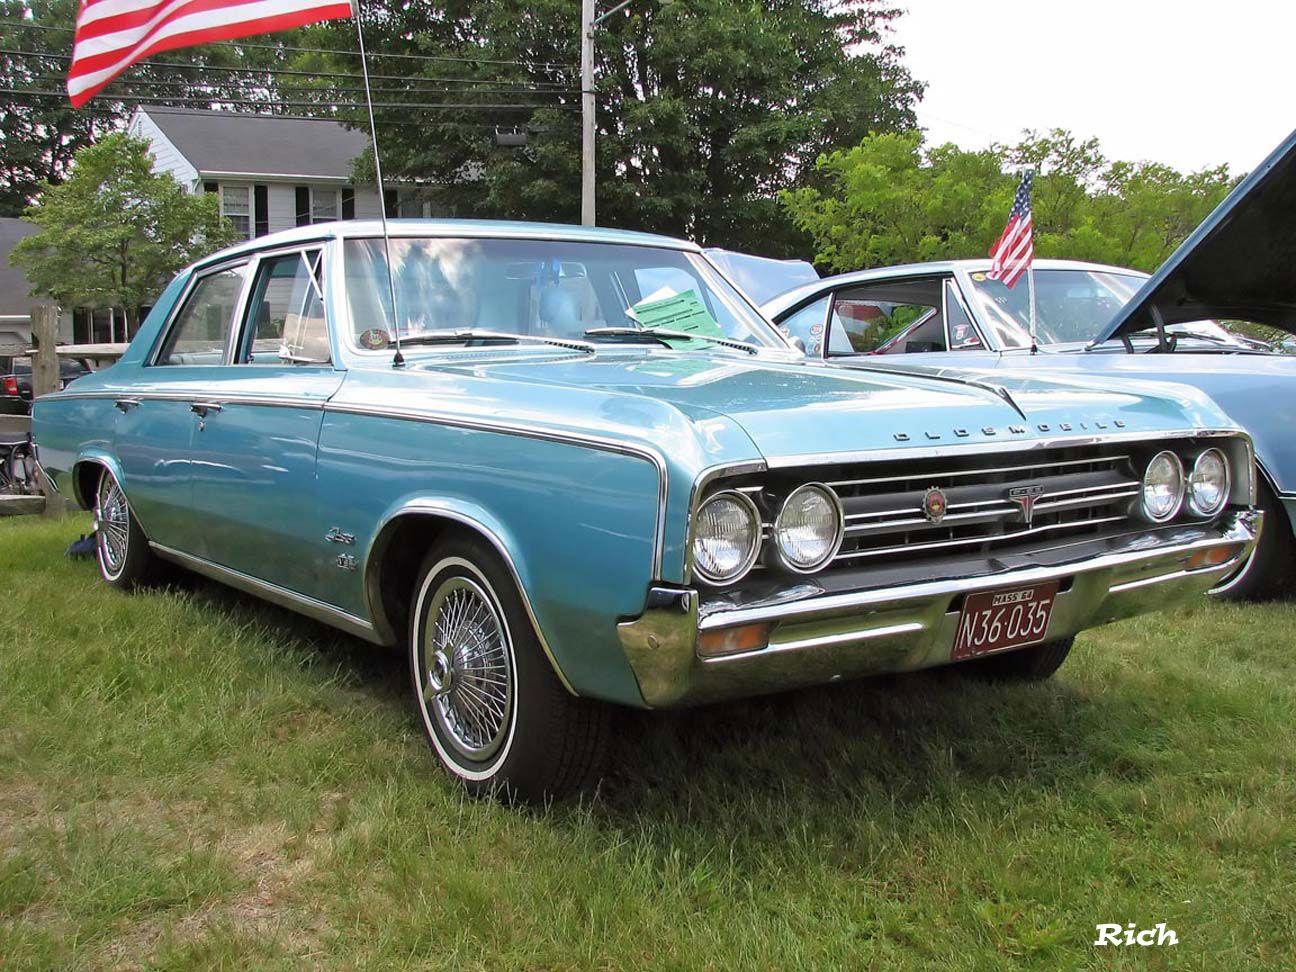 Oldsmobile Cutlass Carros Antigos Pinterest